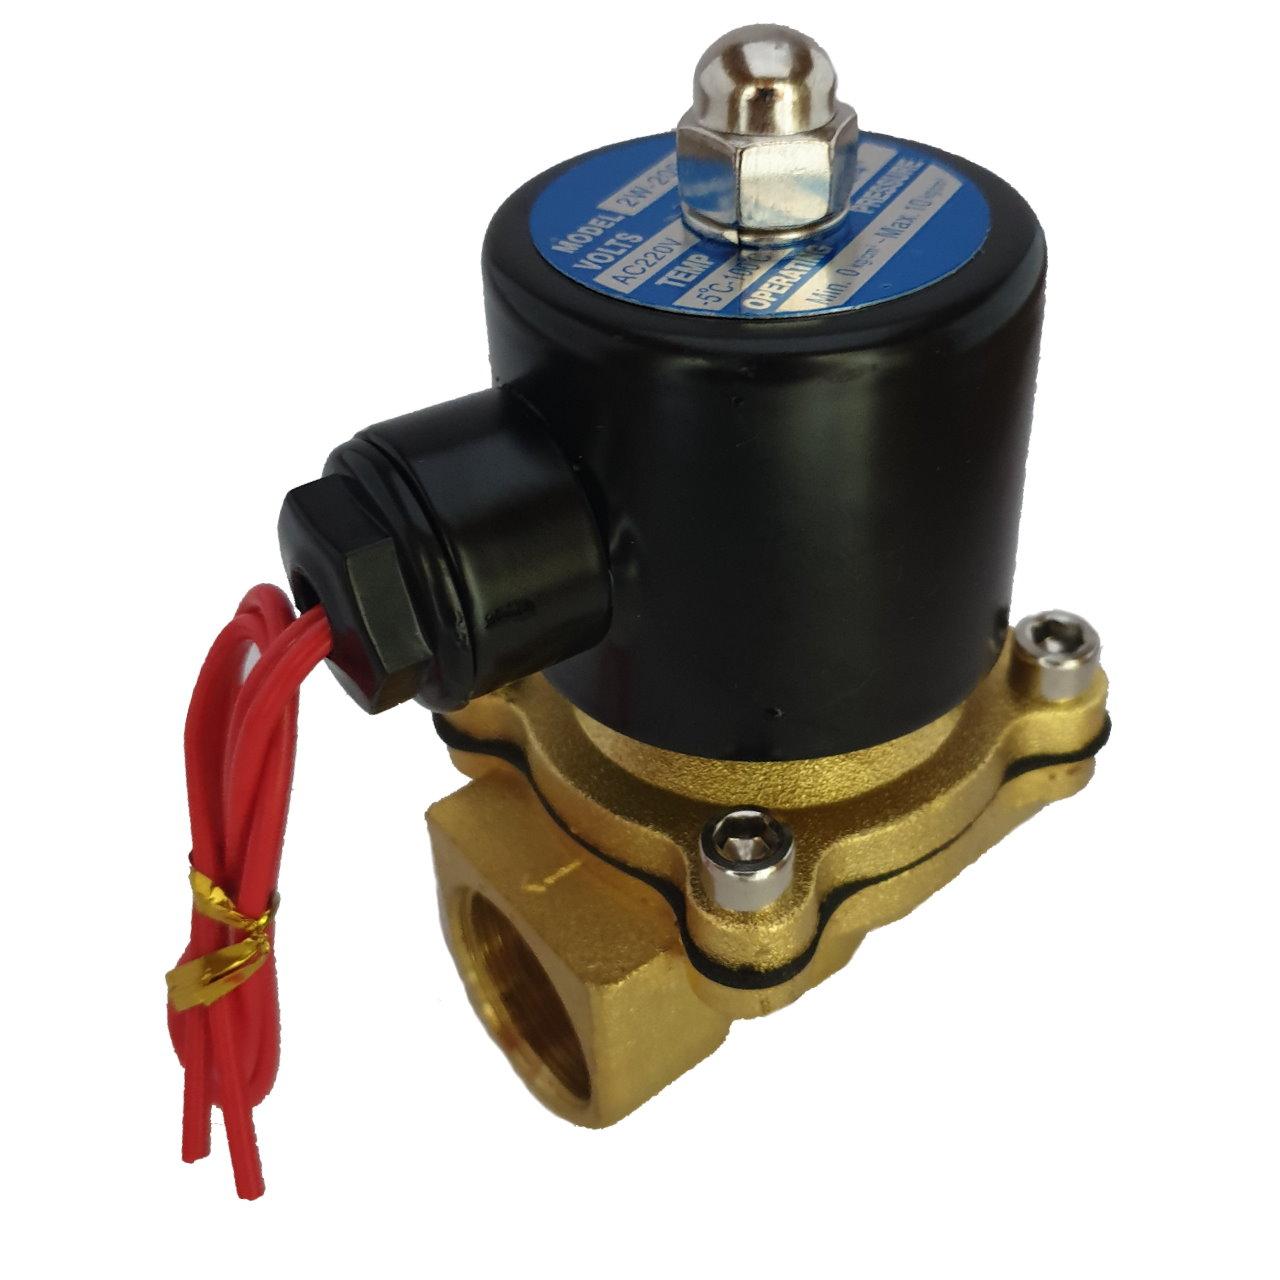 شیر برقی آب مدل 2w-200-20-3/4-220